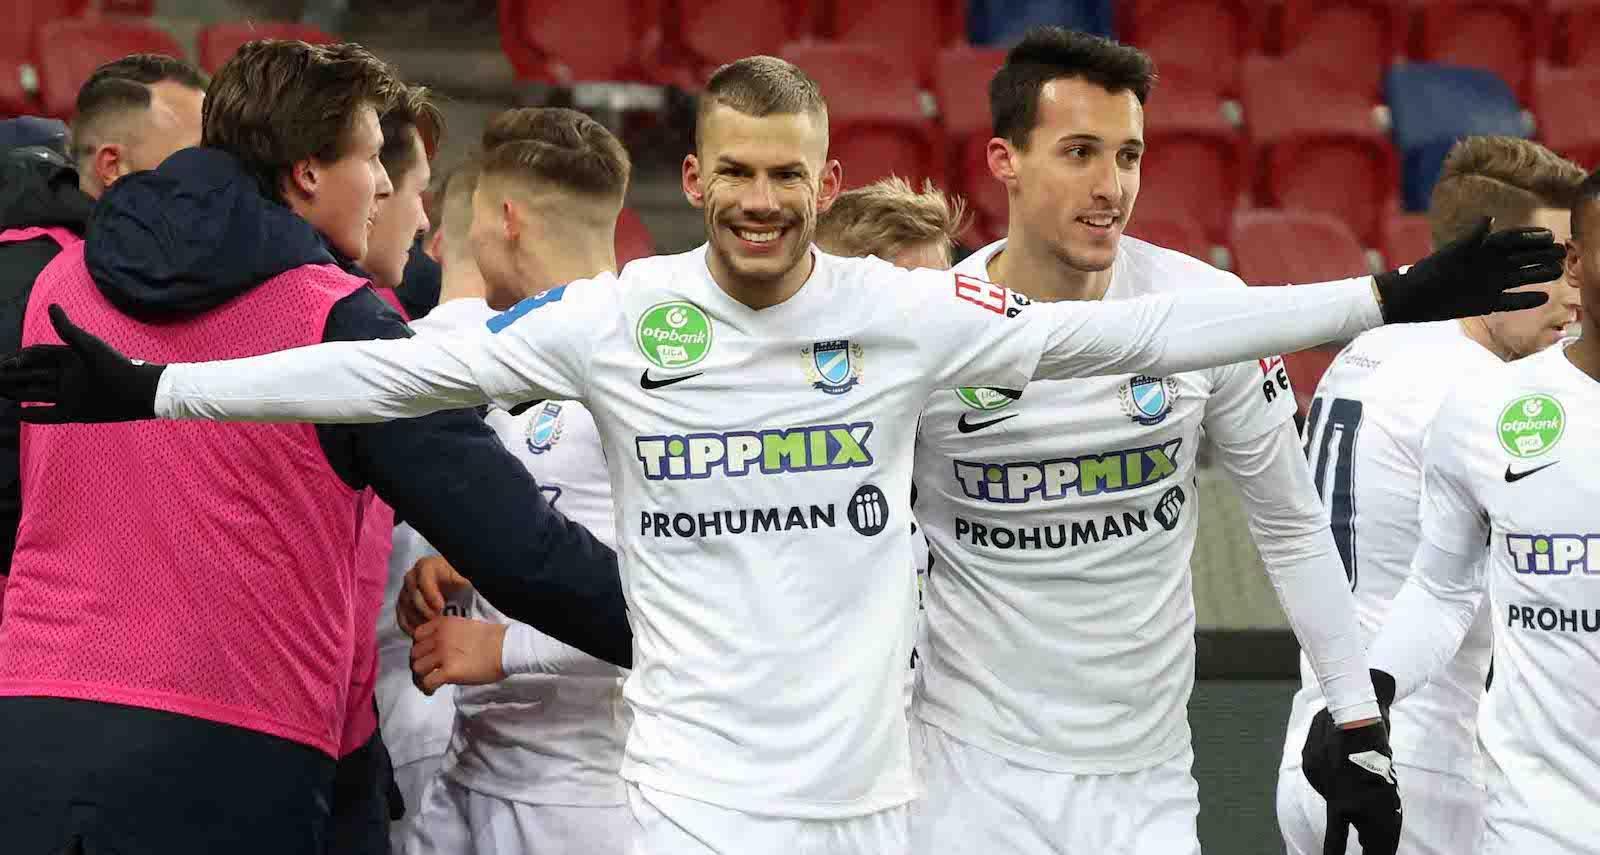 Varga Roland újra a válogatott keretben!